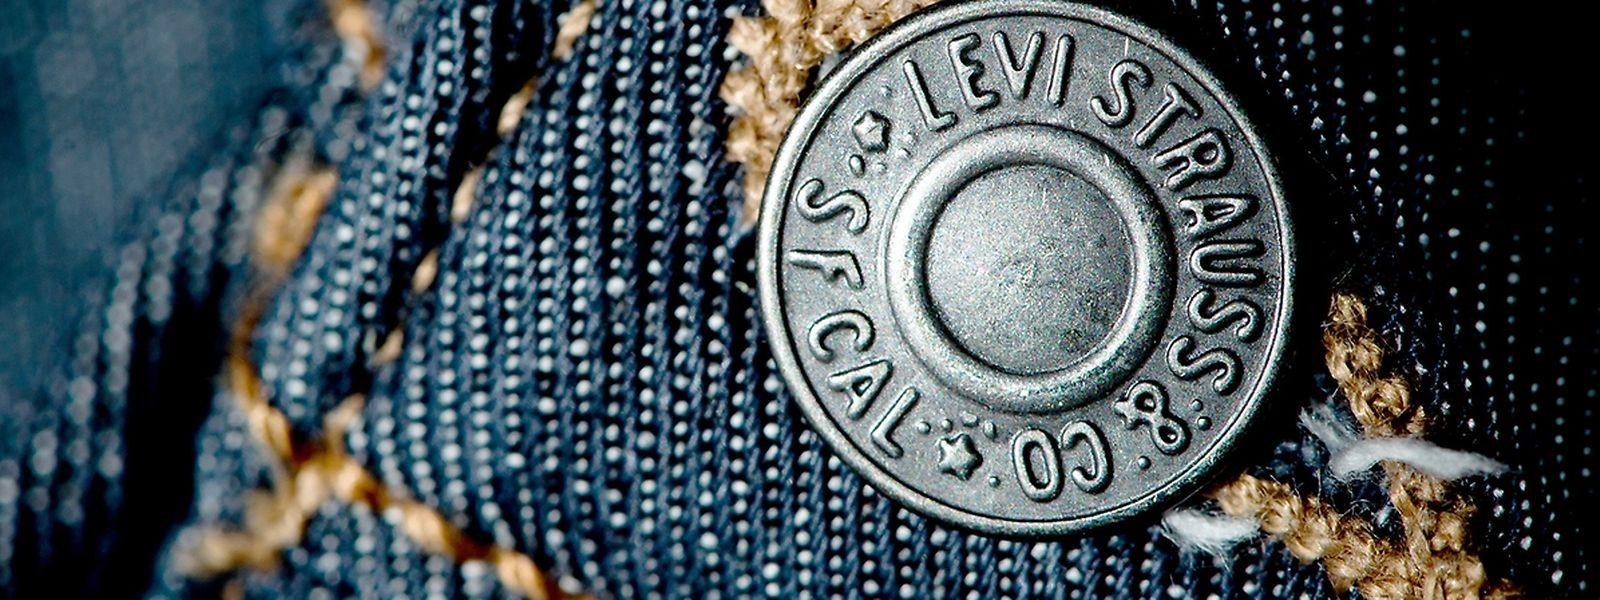 Unter anderem Motorräder, Jeans und Erdnussbutter aus den USA werden nun in der EU höher besteuert.